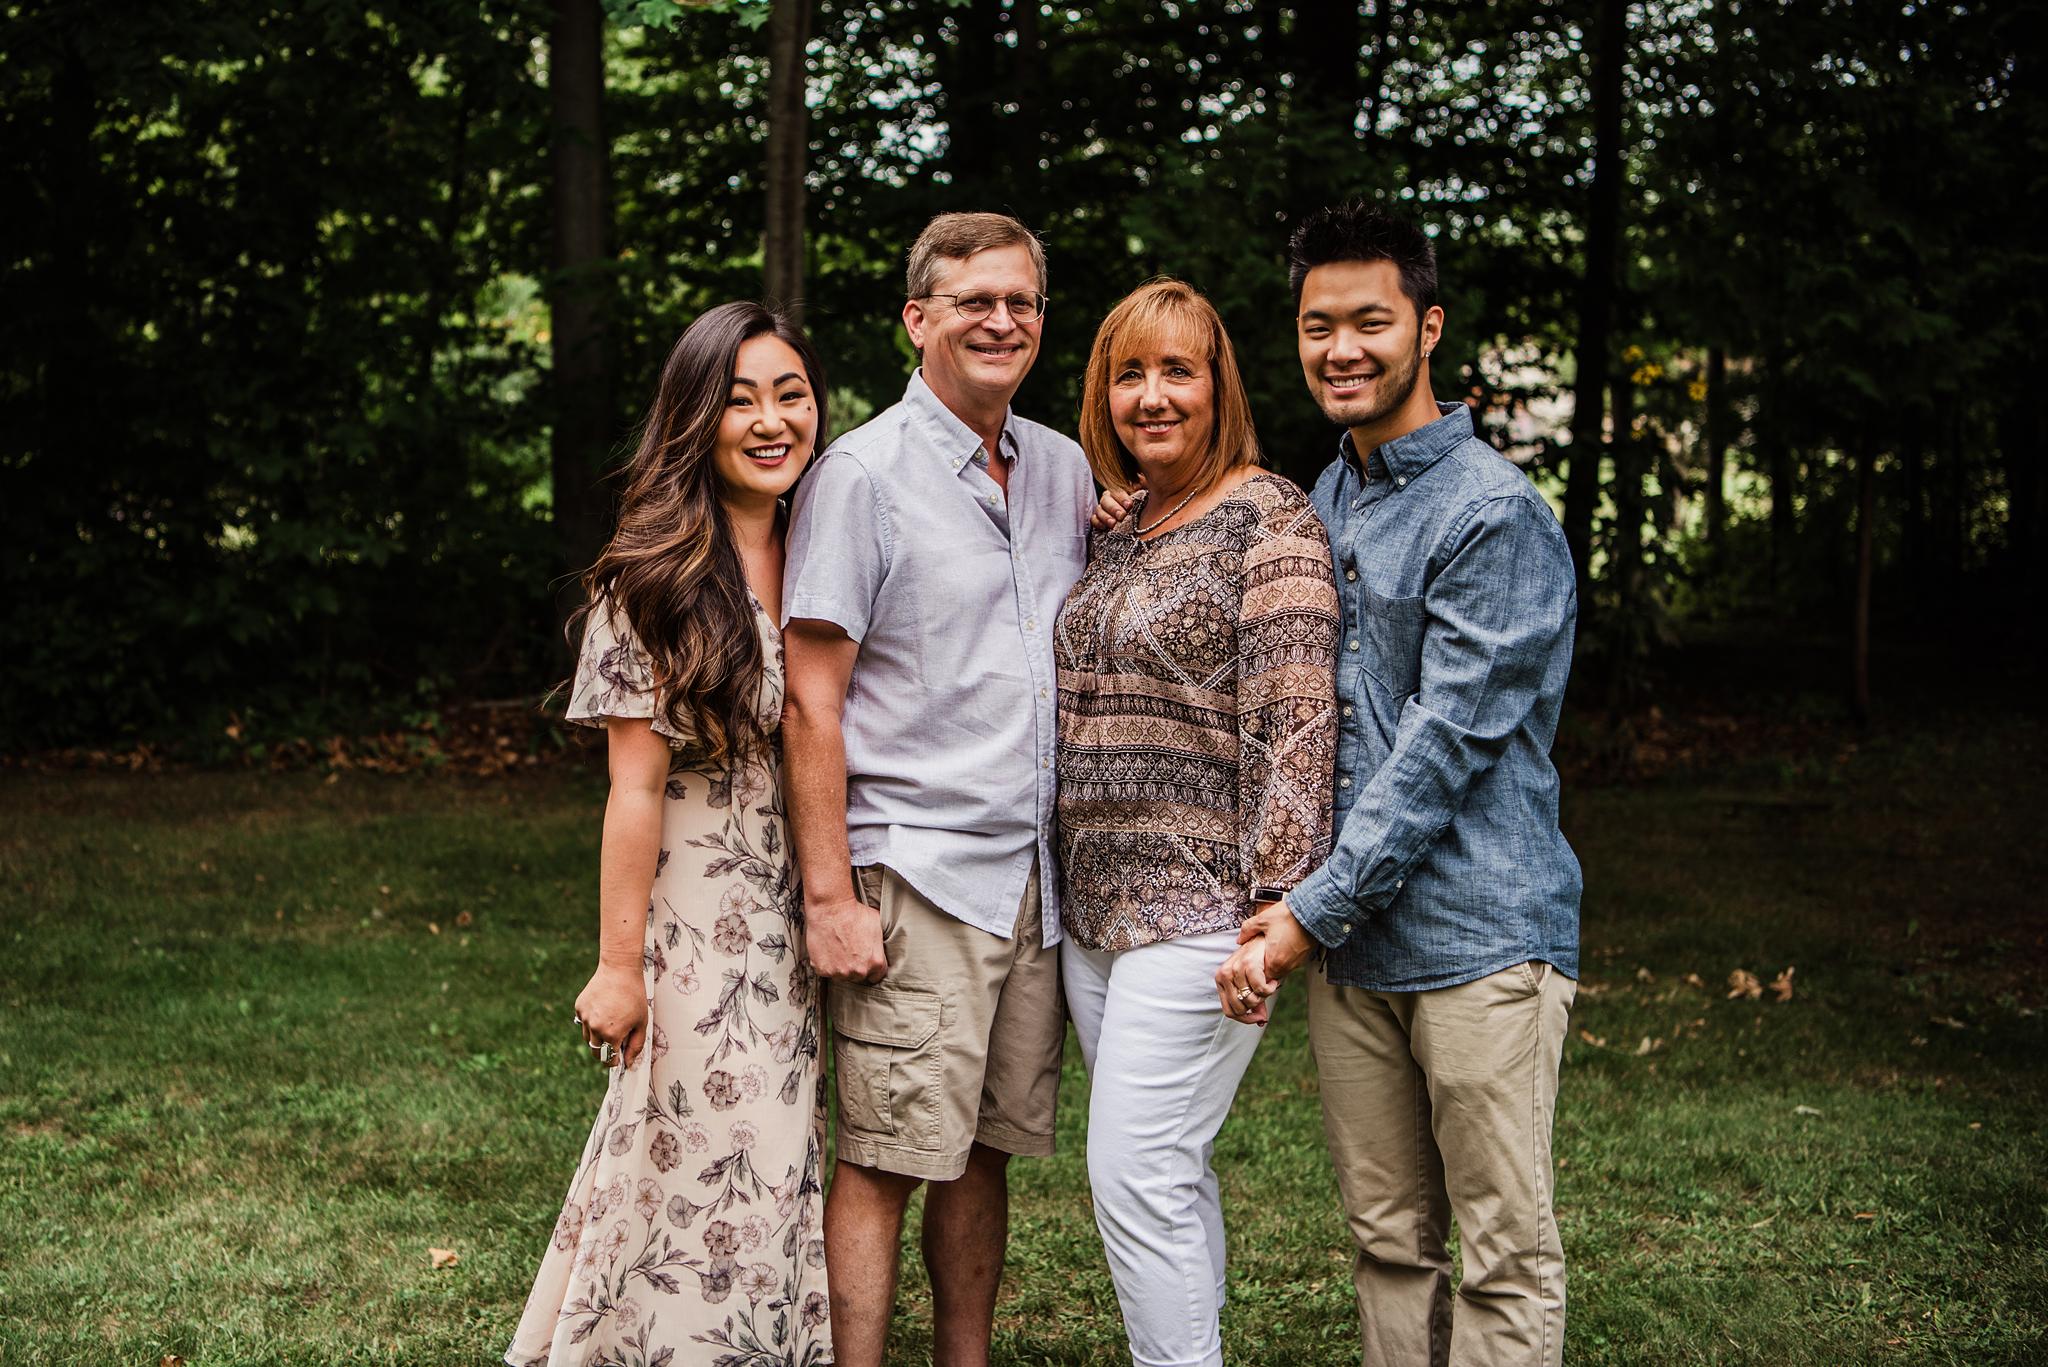 Our_Family_2019_Rochester_Family_Session_JILL_STUDIO_Rochester_NY_Photographer_DSC_5226.jpg